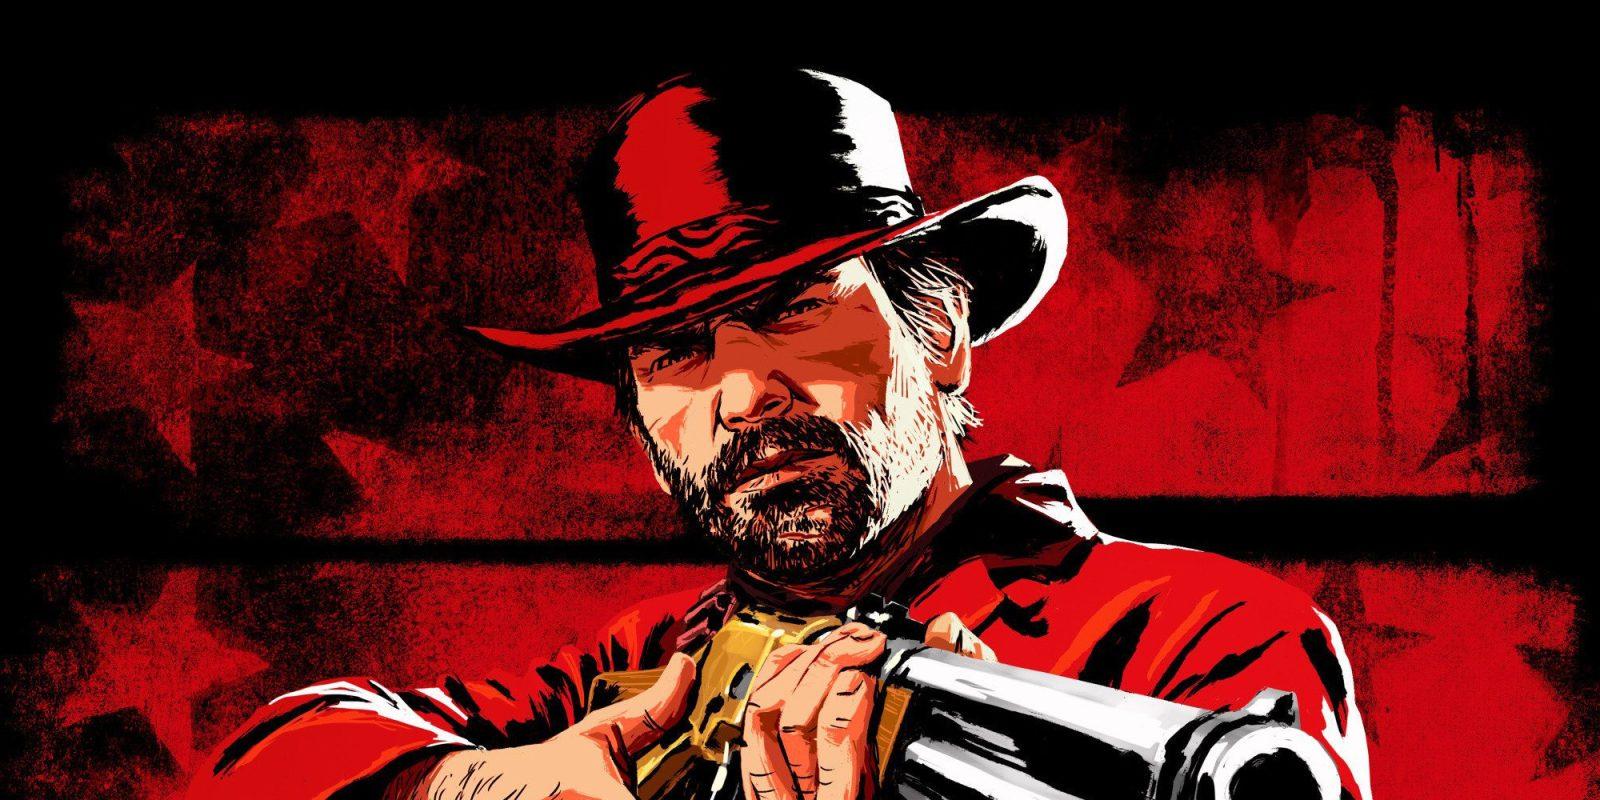 Red Dead Redemption 2 arriva su PC questo novembre